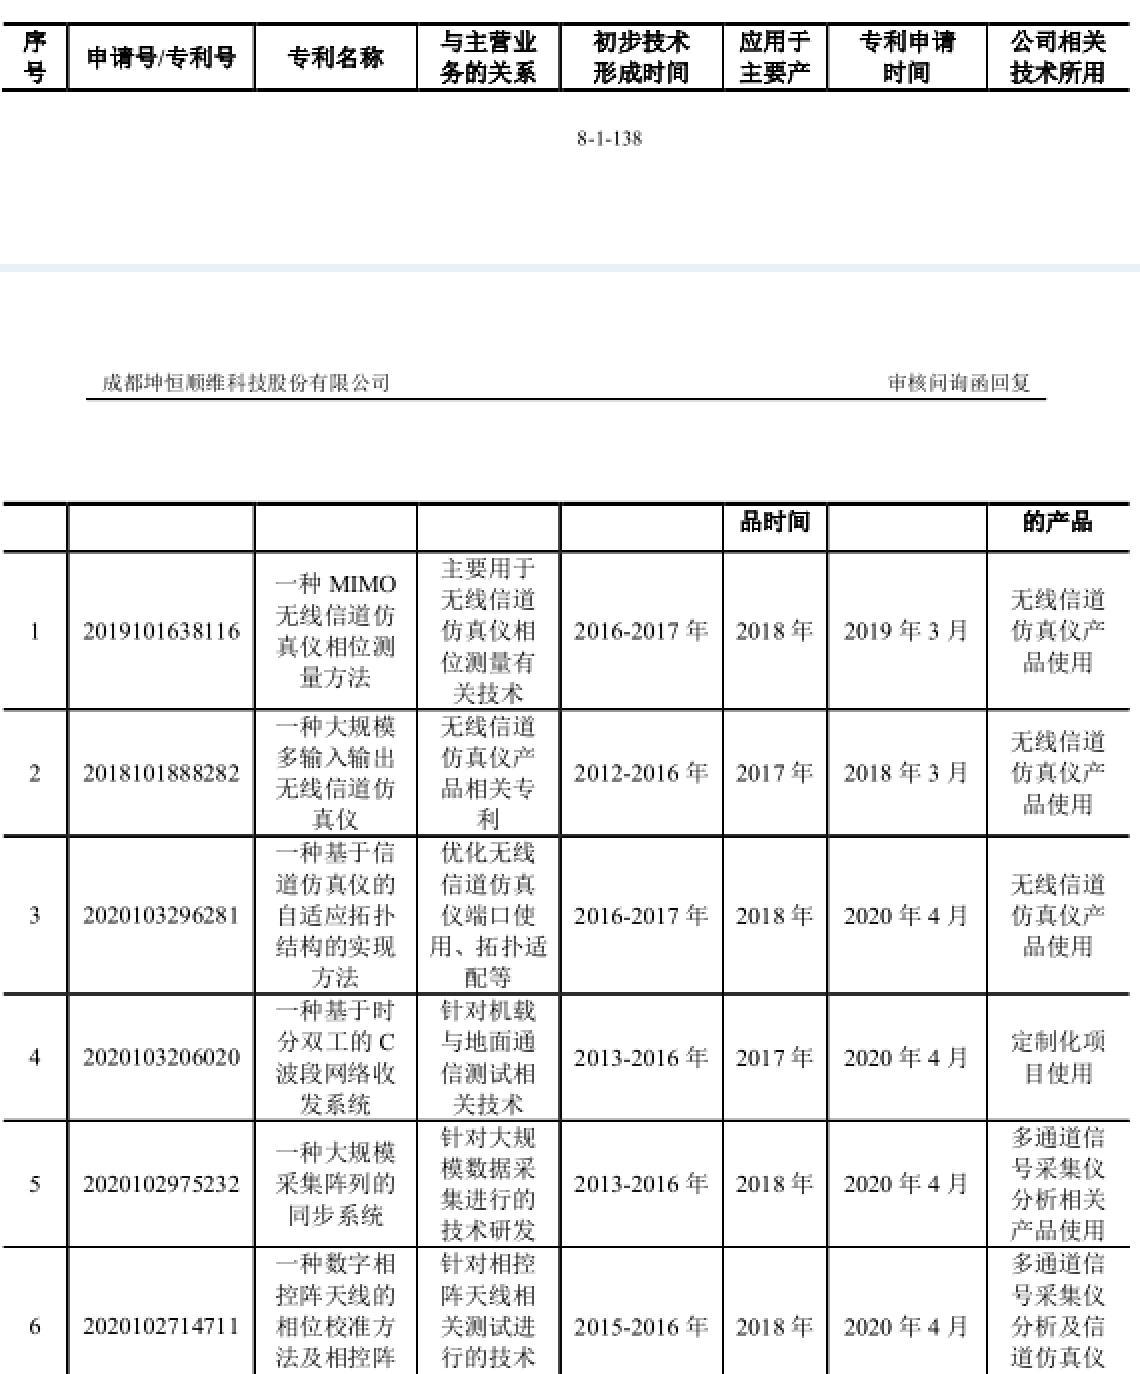 坤恒顺维科创板IPO问询:无线电产物凭什么接近或超国外同类程度  通信 第4张